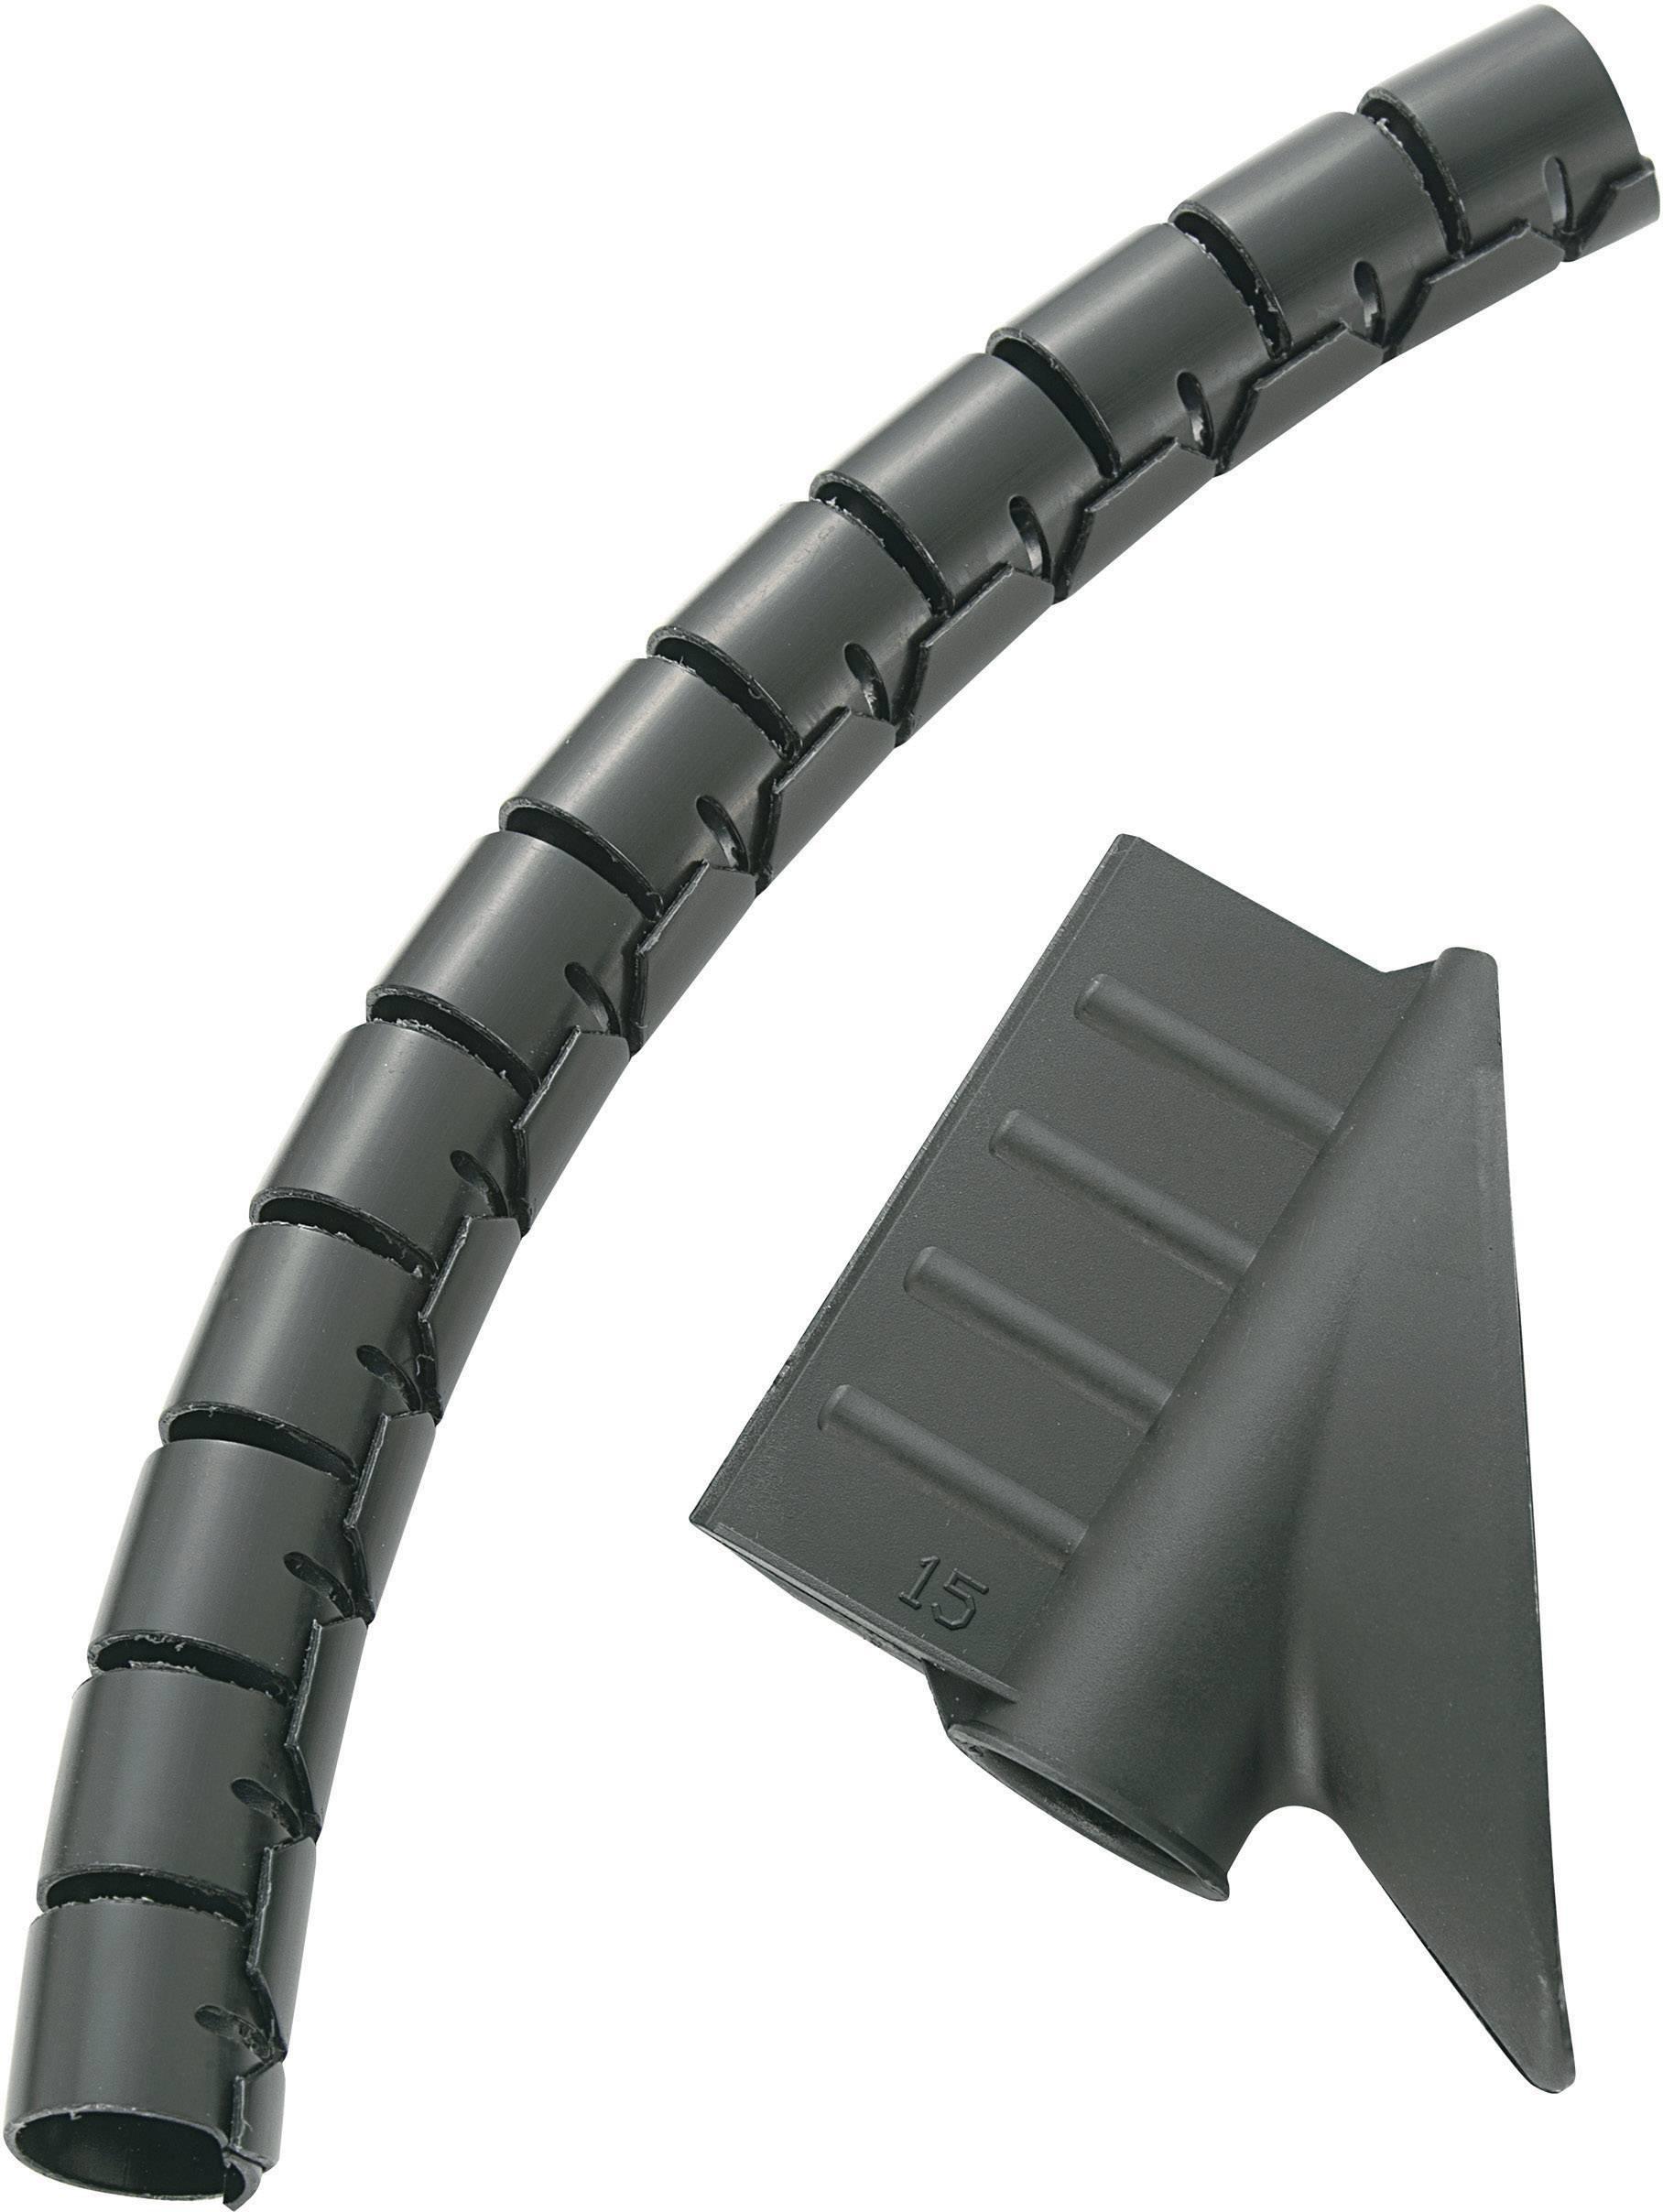 Spirálová trubice na kabely KSS 8530c701, 20 mm, černá